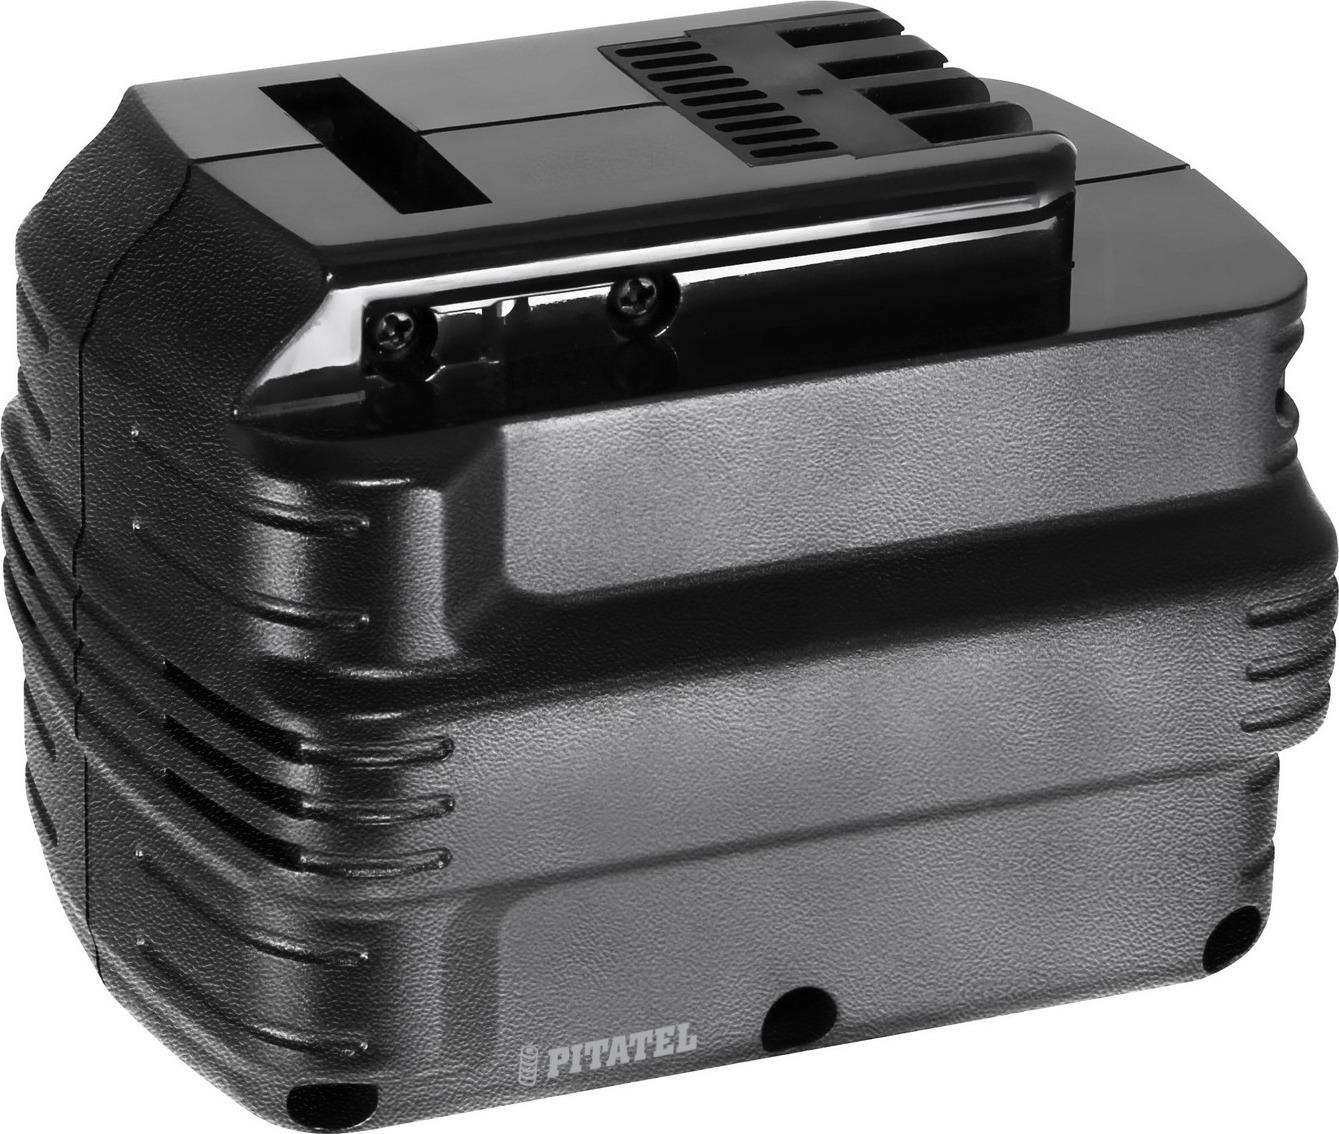 Аккумулятор для инструмента DEWALT Pitatel TSB-021-DE24-30M, черный батарея аккумуляторная pitatel tsb 033 mak18a 15c